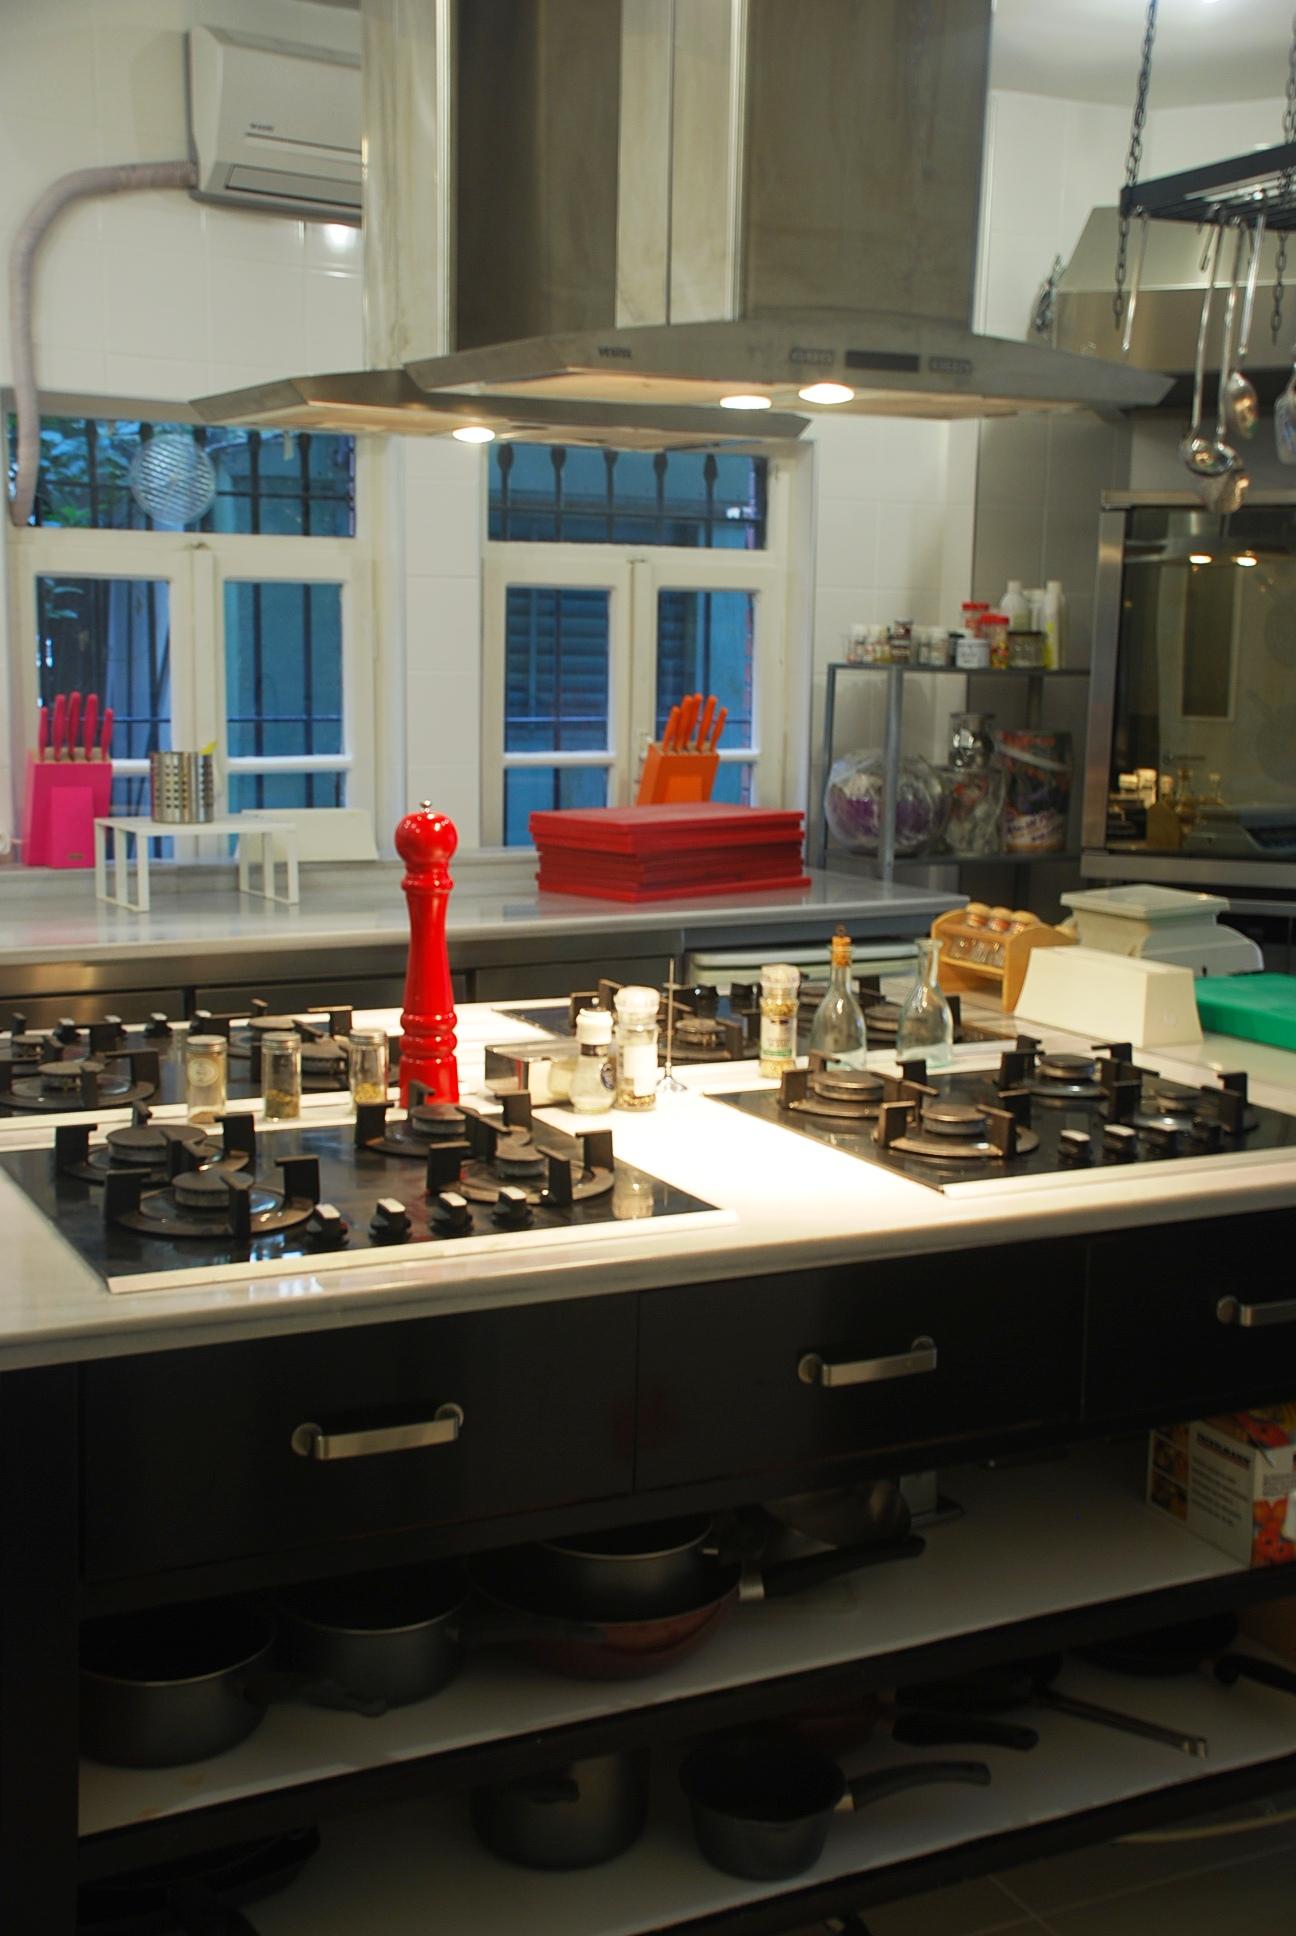 KitchenStudio Academy Kölkünün Kapılarını Mutfakseverlere Açıyor